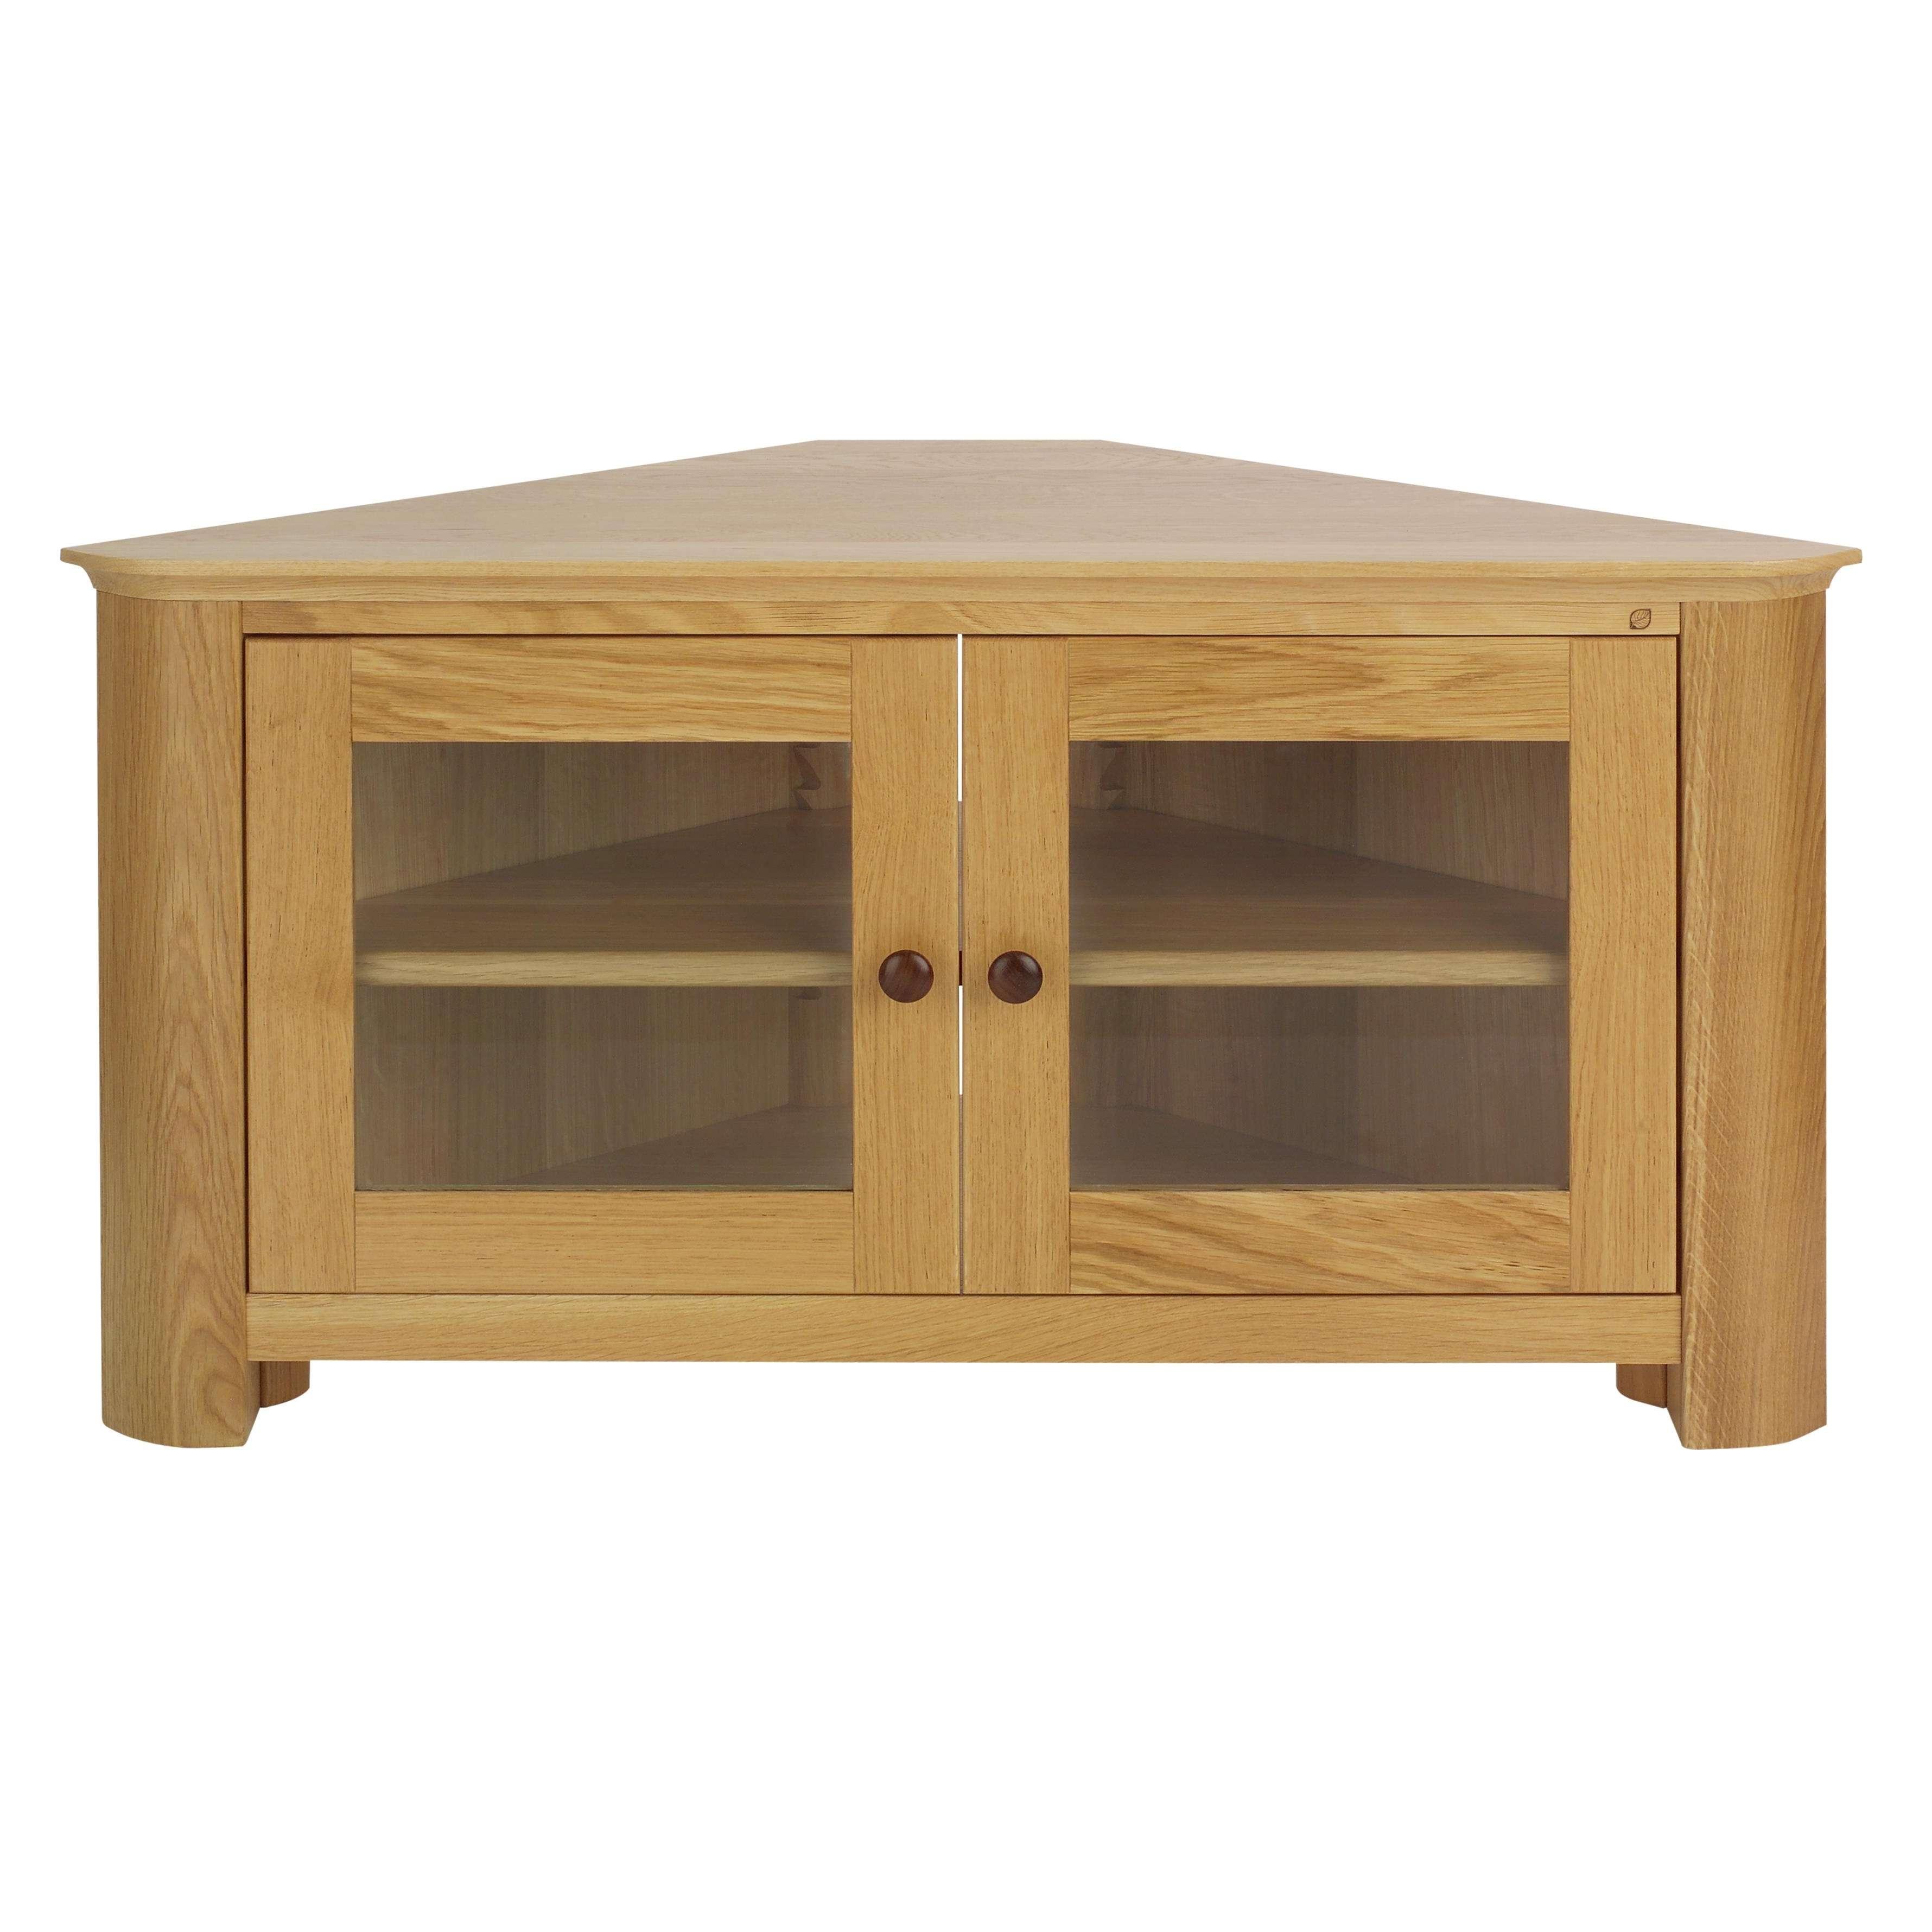 Corner Tv Cabinet With Doors • Corner Cabinets With Regard To Wooden Tv Cabinets With Glass Doors (View 5 of 20)